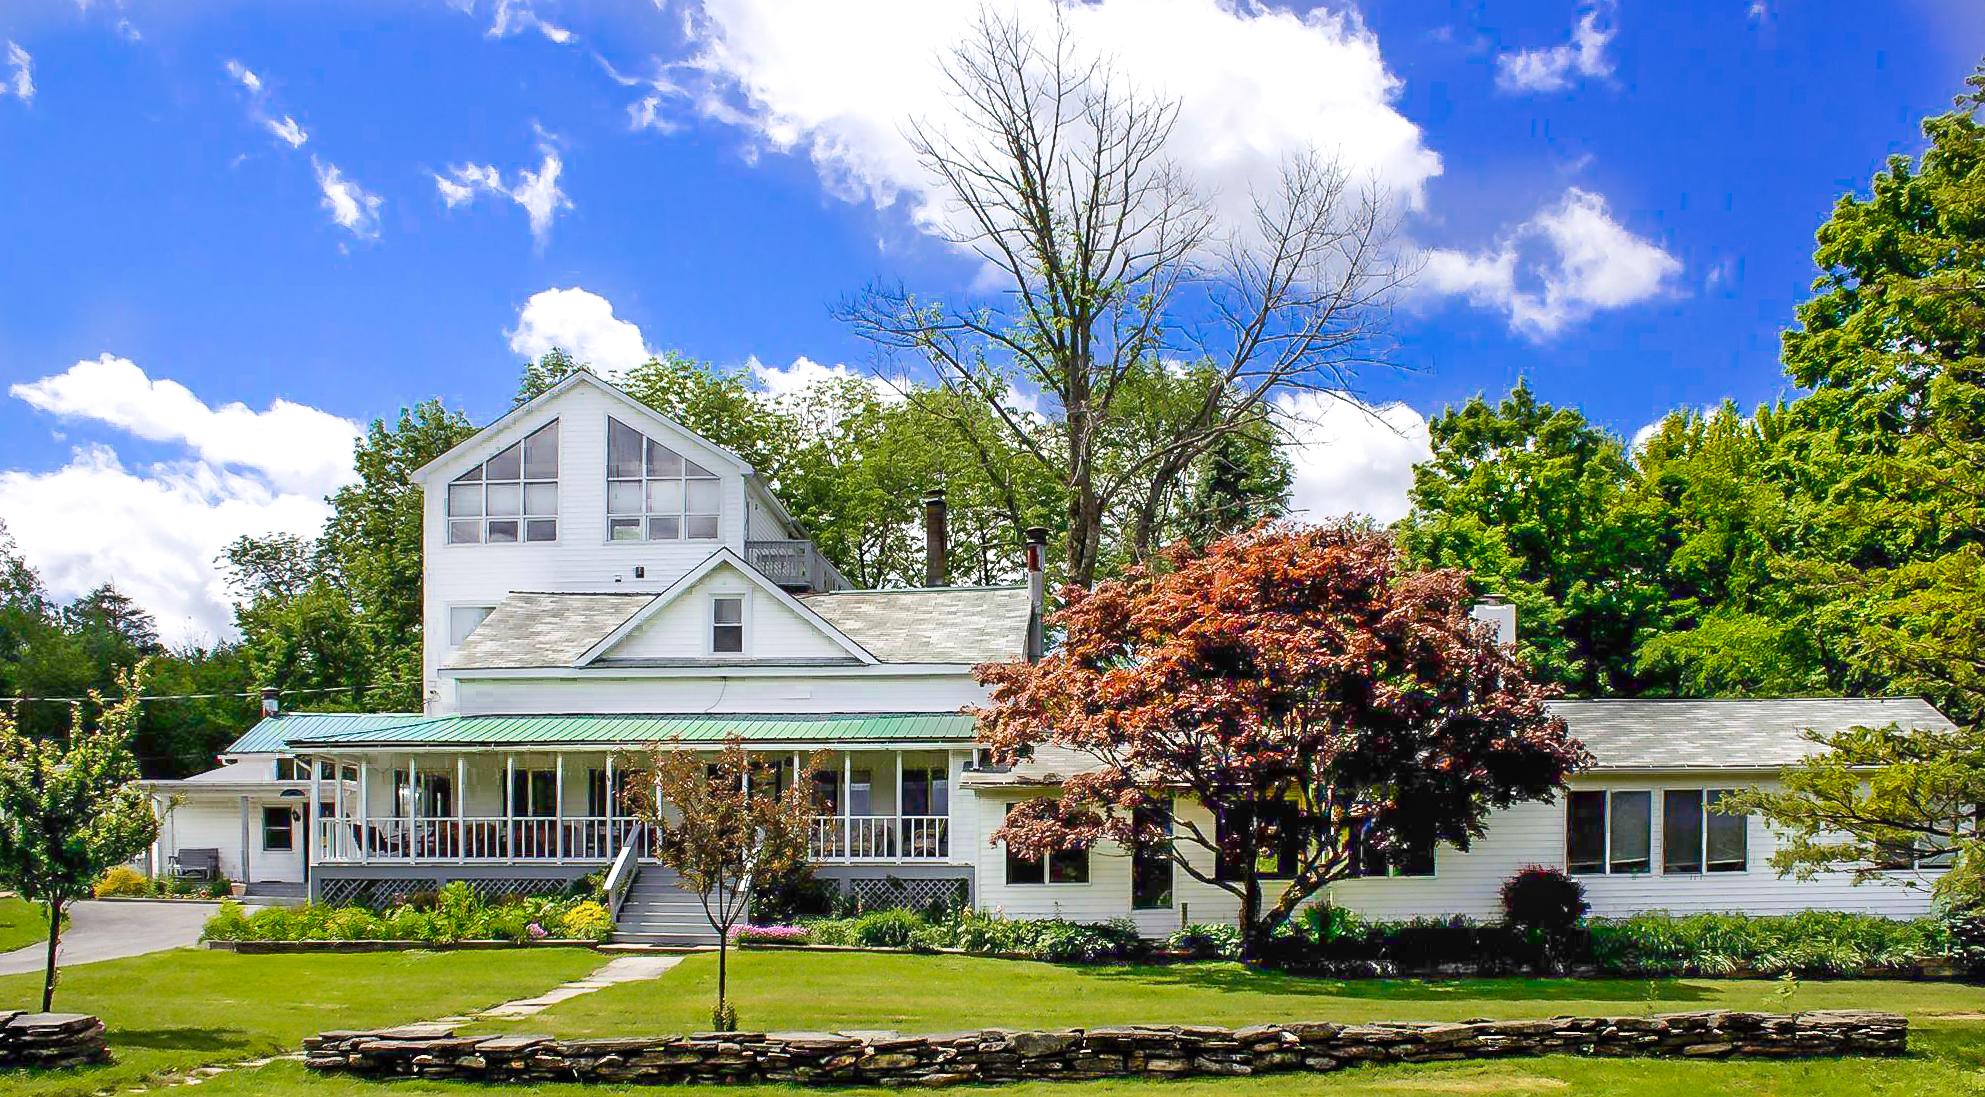 House Daytime Spring edited (2).jpg